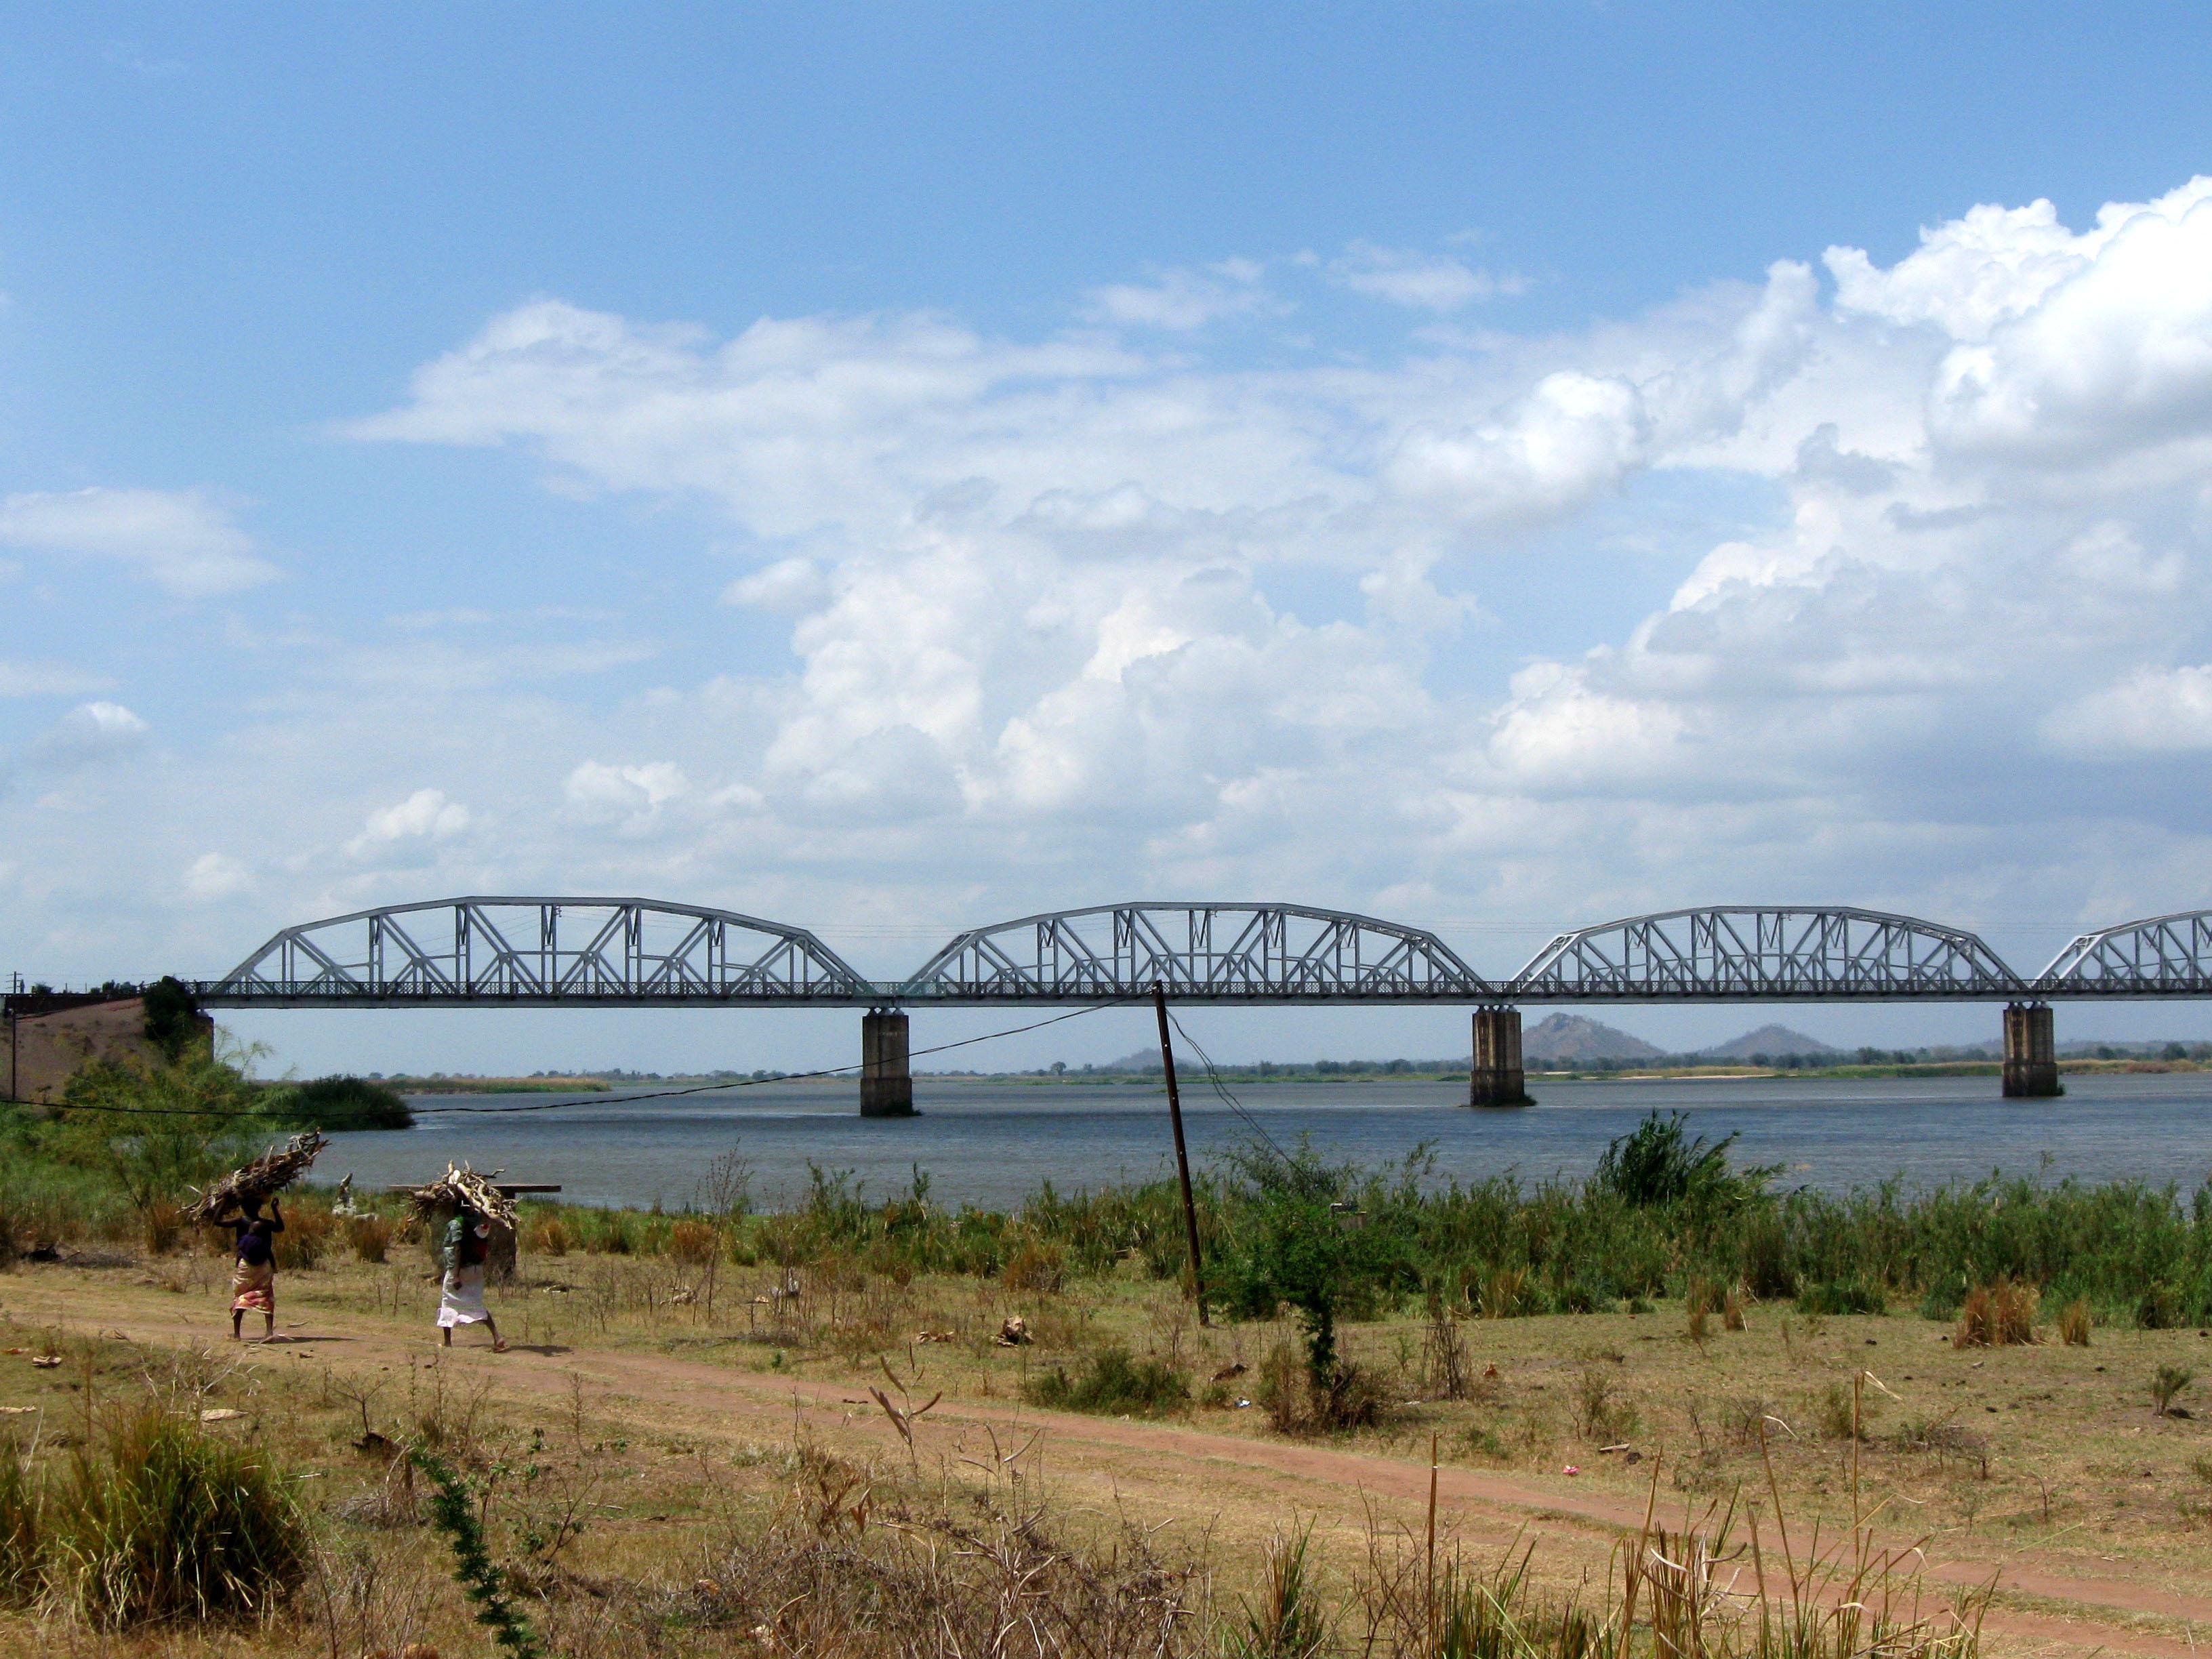 File:Dona Ana railway bridge over the Zambezi river